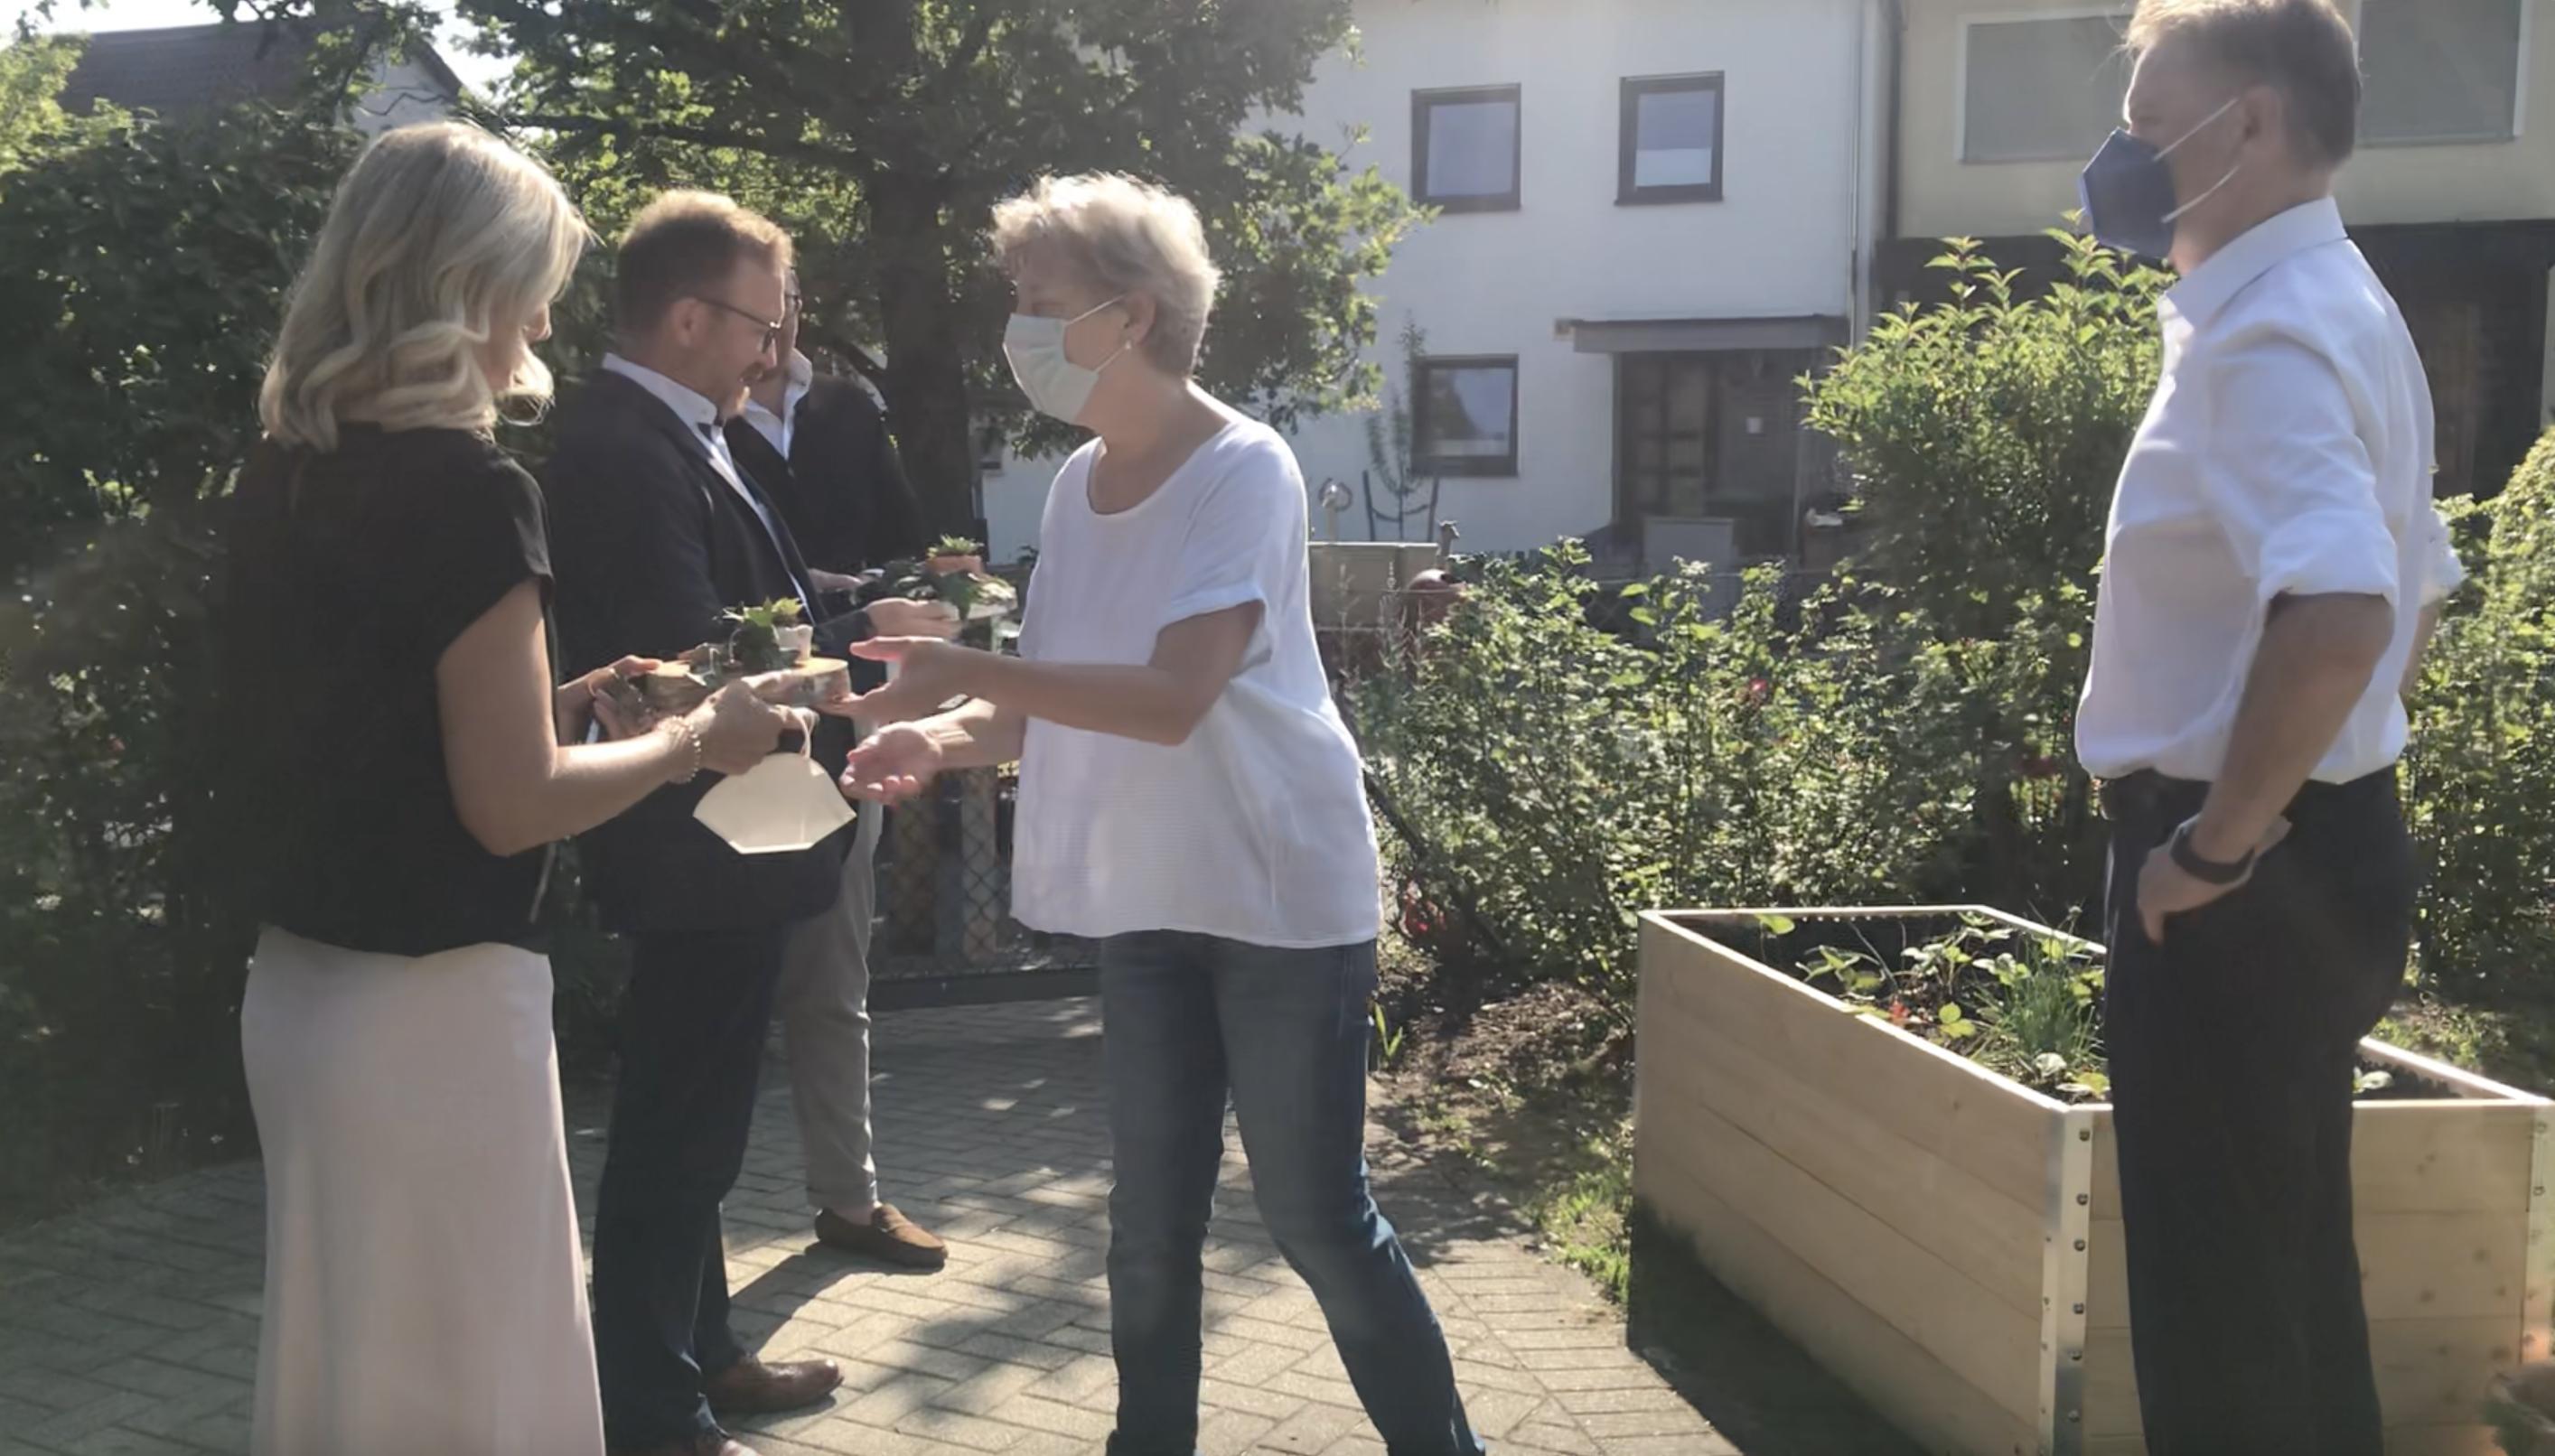 Die Spender der Sparkasse Nürnberg, Simone Heubeck und Otfried Bürger, freuten sich sehr über das grüne Dankeschön, das Kita-Leiterin Sabine Hartmann überreichte.